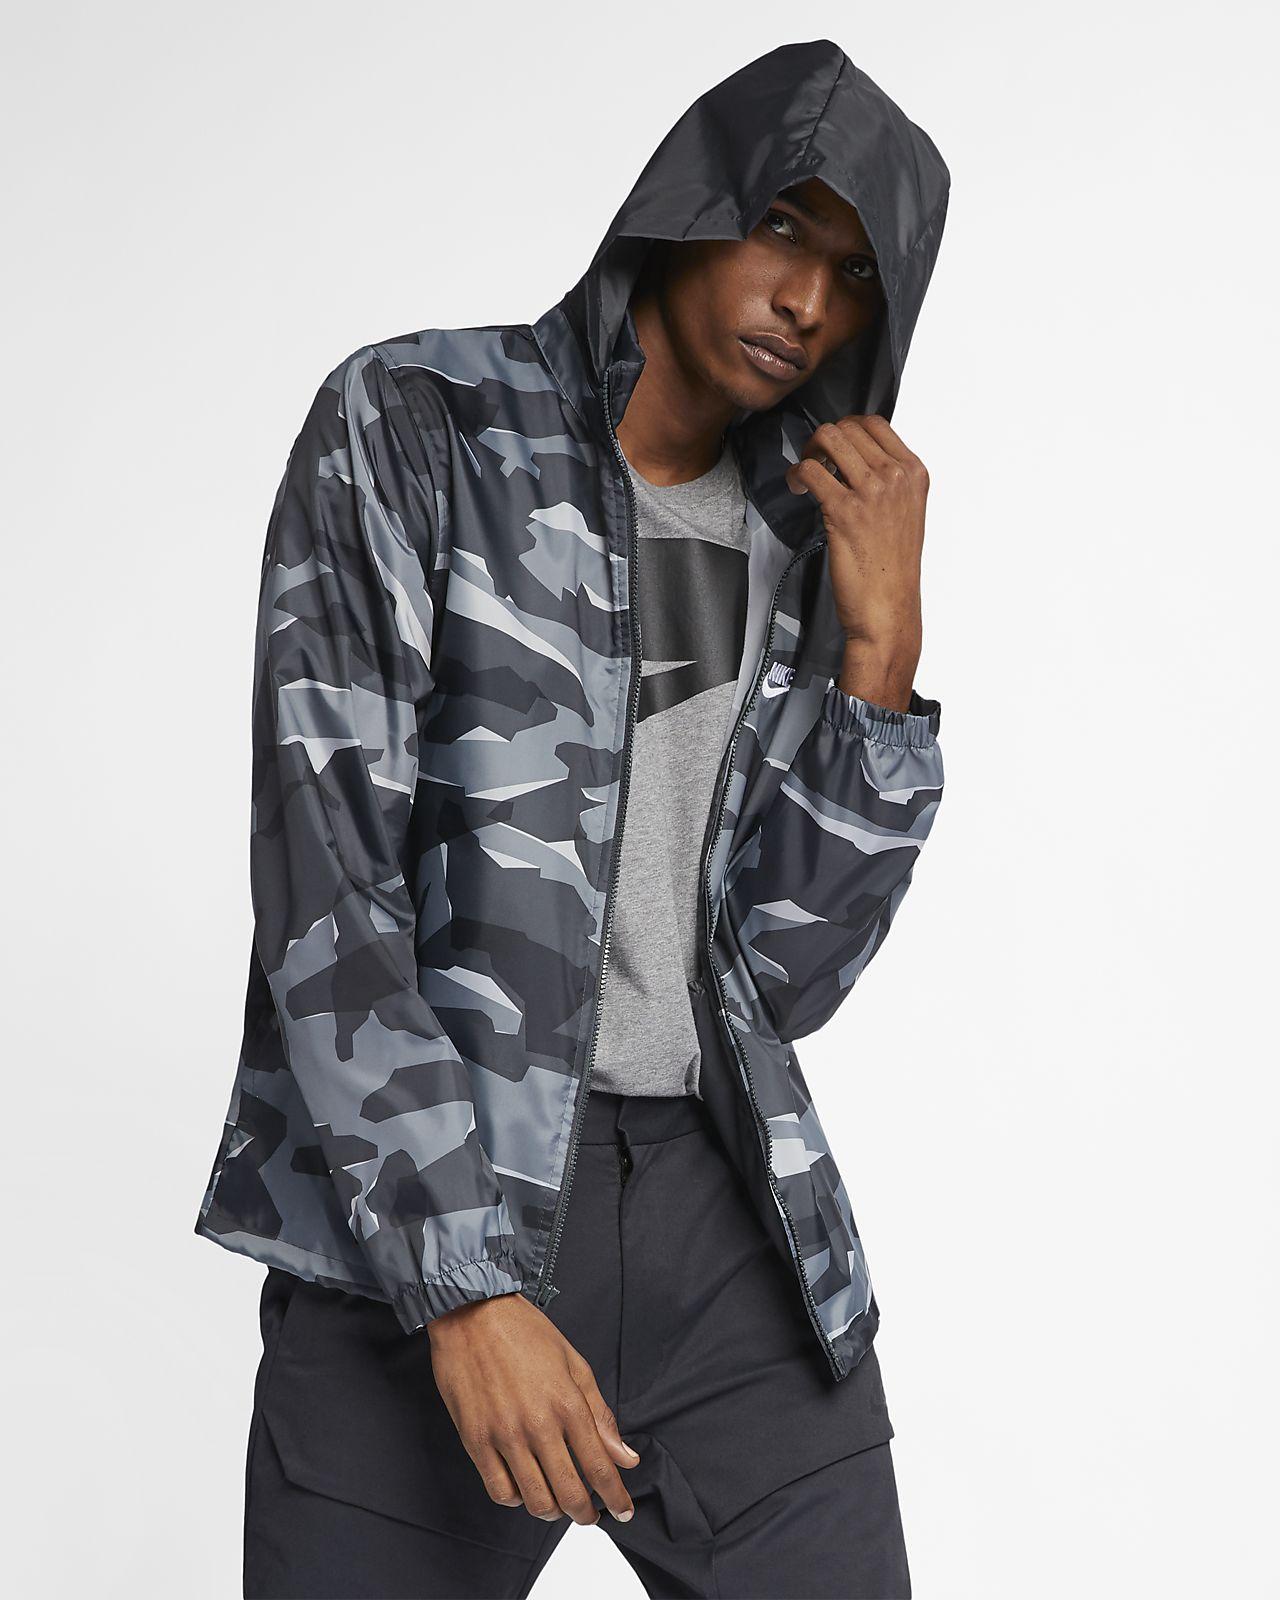 Pour Homme Veste Nike À Fr Camouflage Sportswear Capuche qWRXf